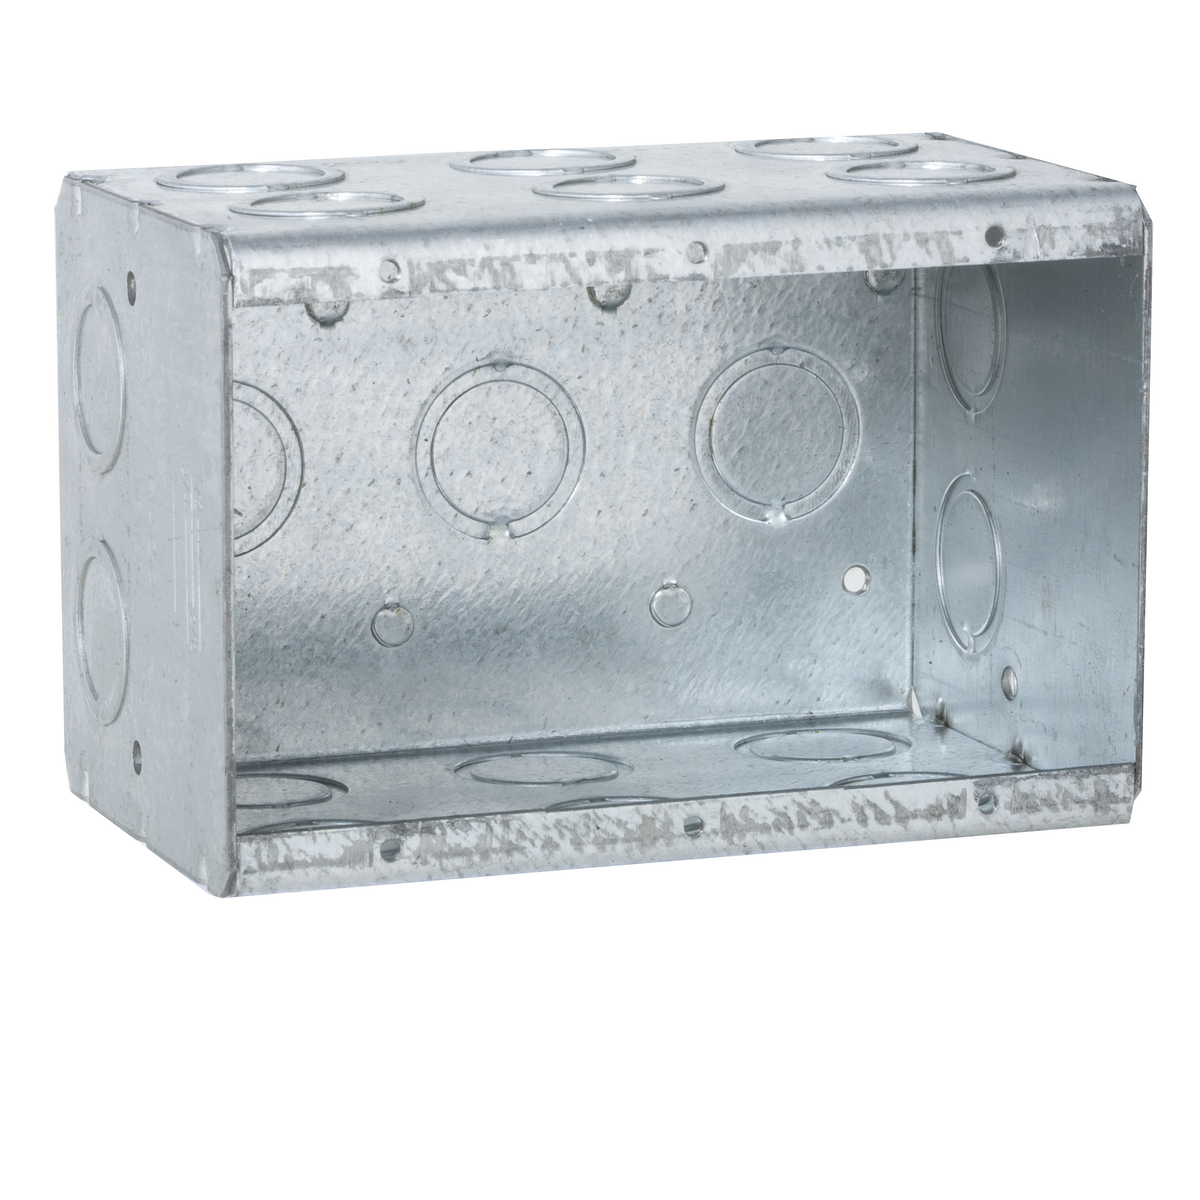 RAC 697 MASON BOX 3G 3-1/2DP CONCEN KO